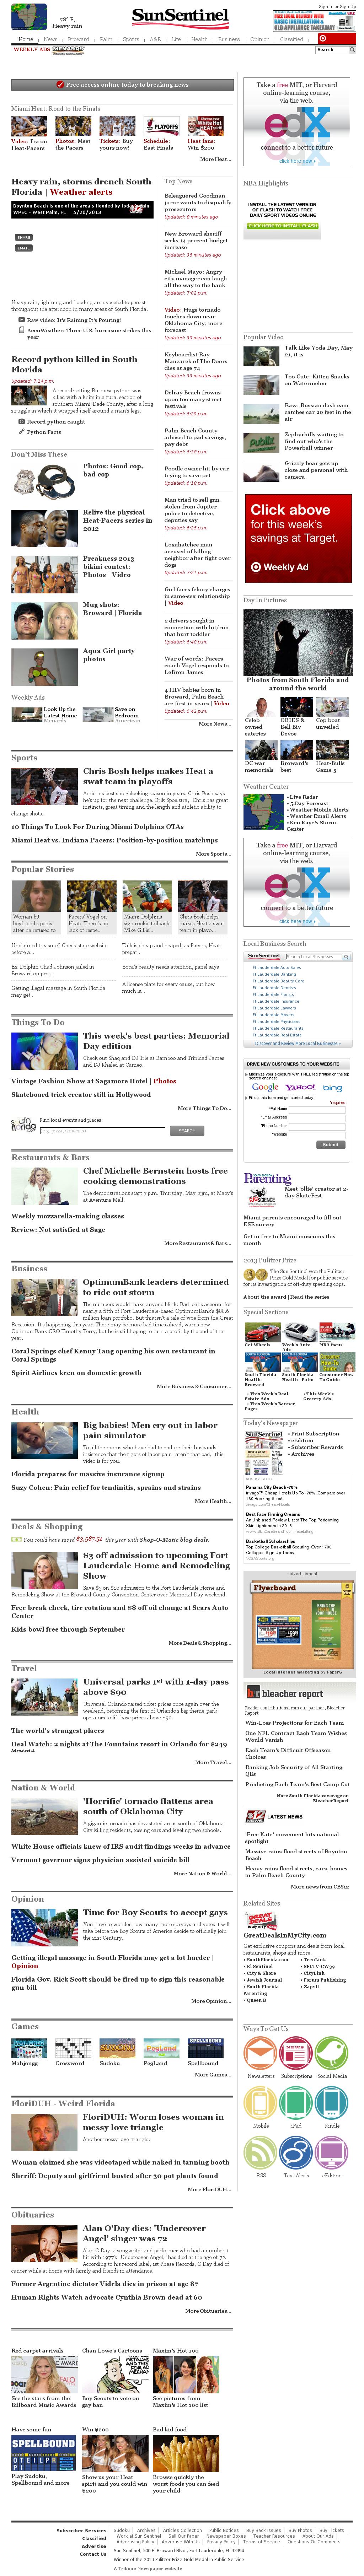 (Florida) Sun Sentinel at Tuesday May 21, 2013, 12:23 a.m. UTC